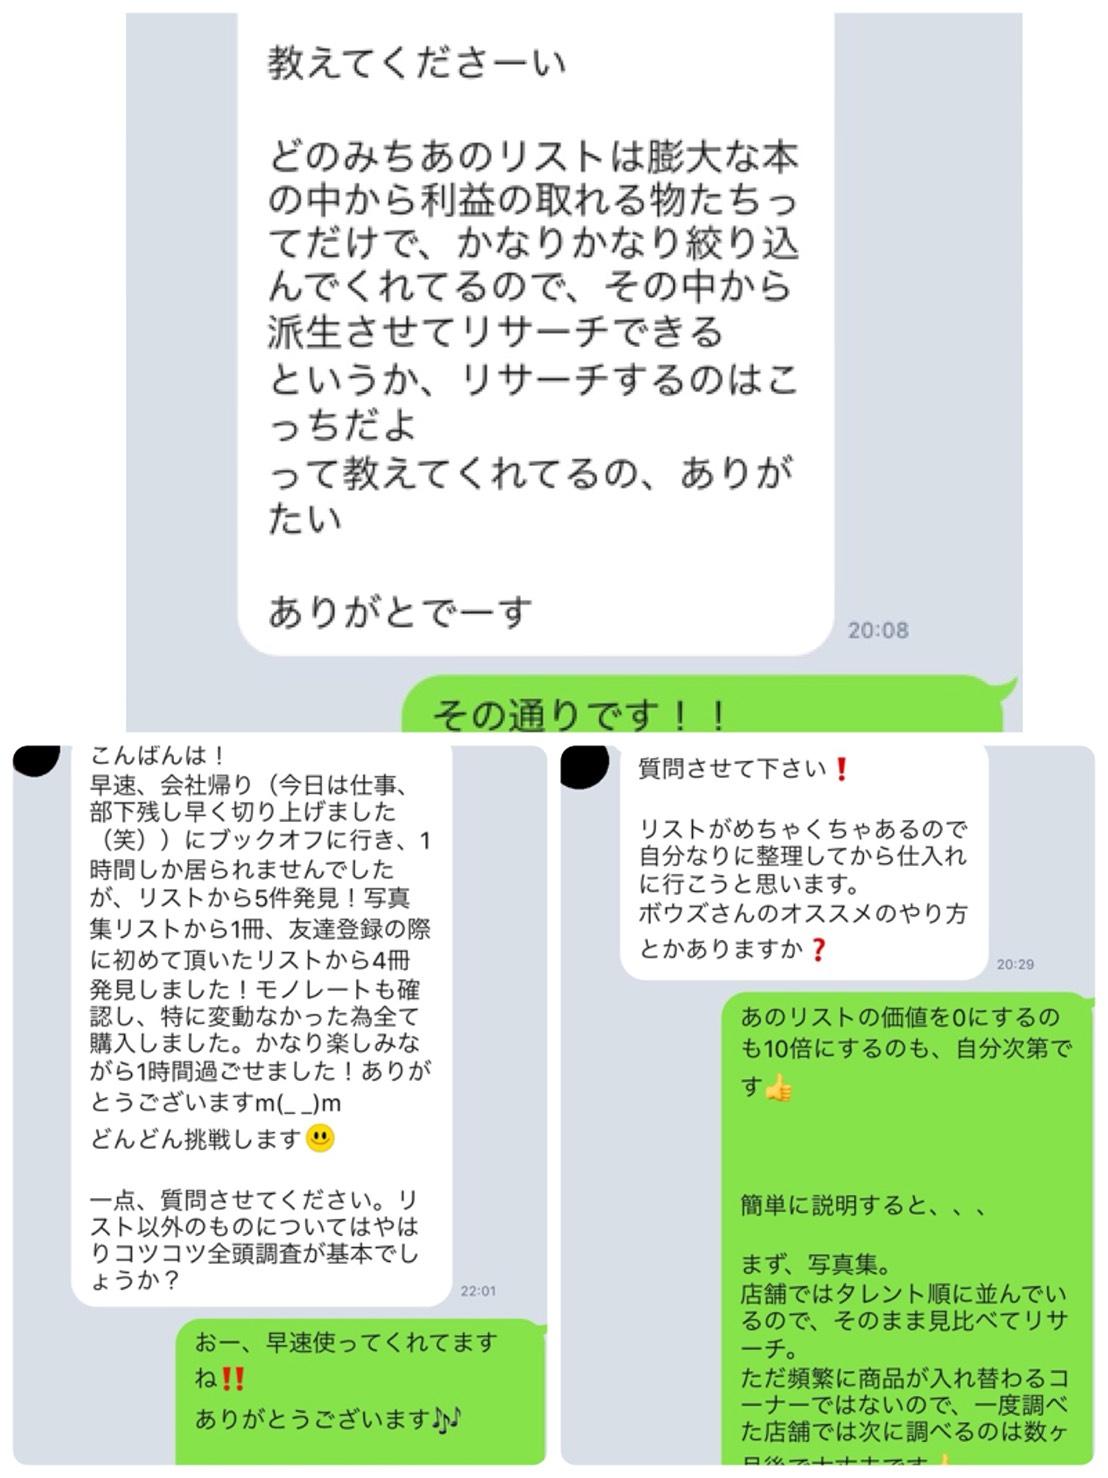 【本せどり】1ヶ月で10万円のお小遣いをGETする方法。